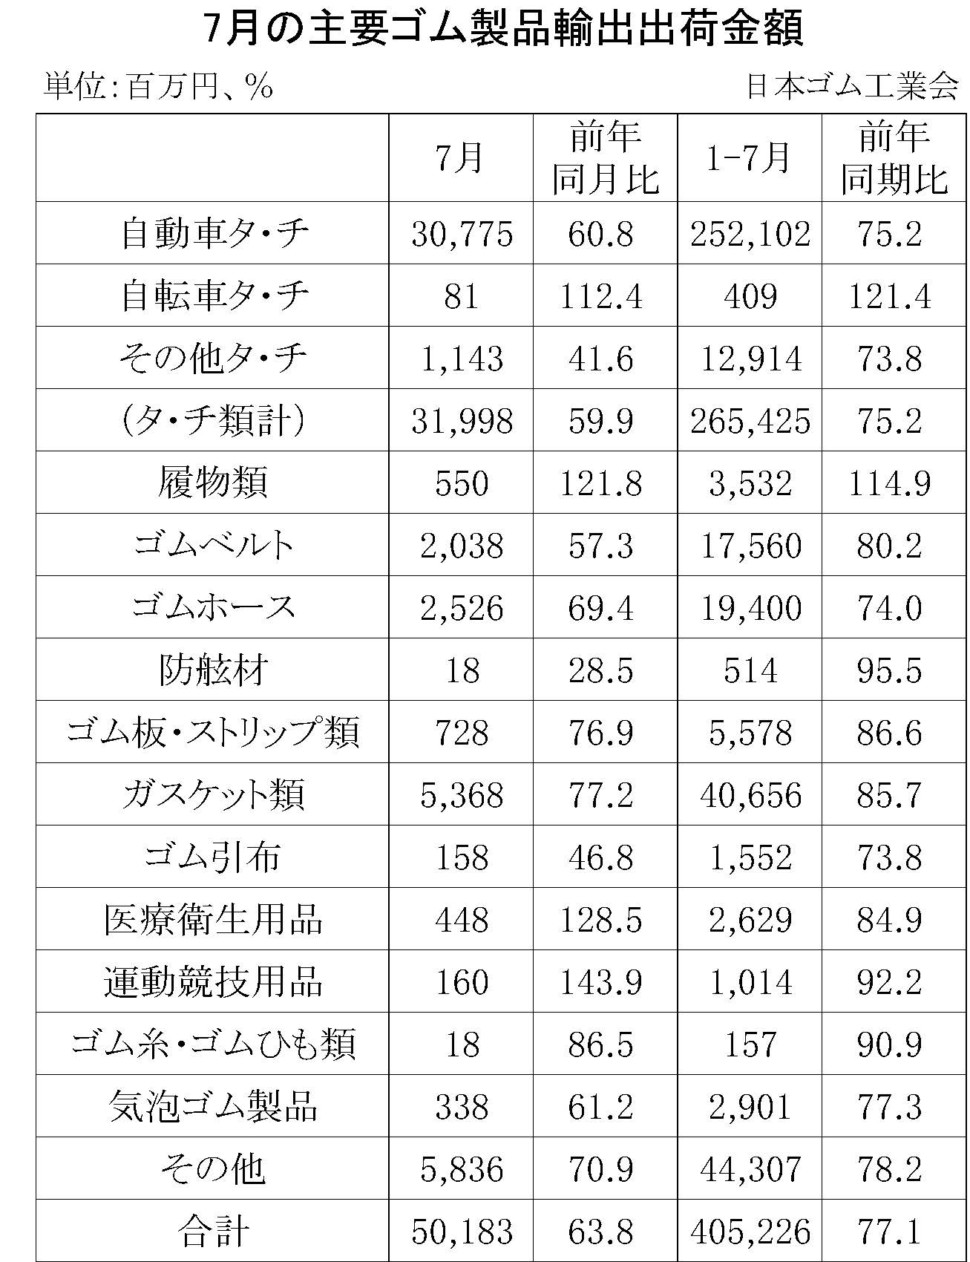 7月のゴム製品輸出